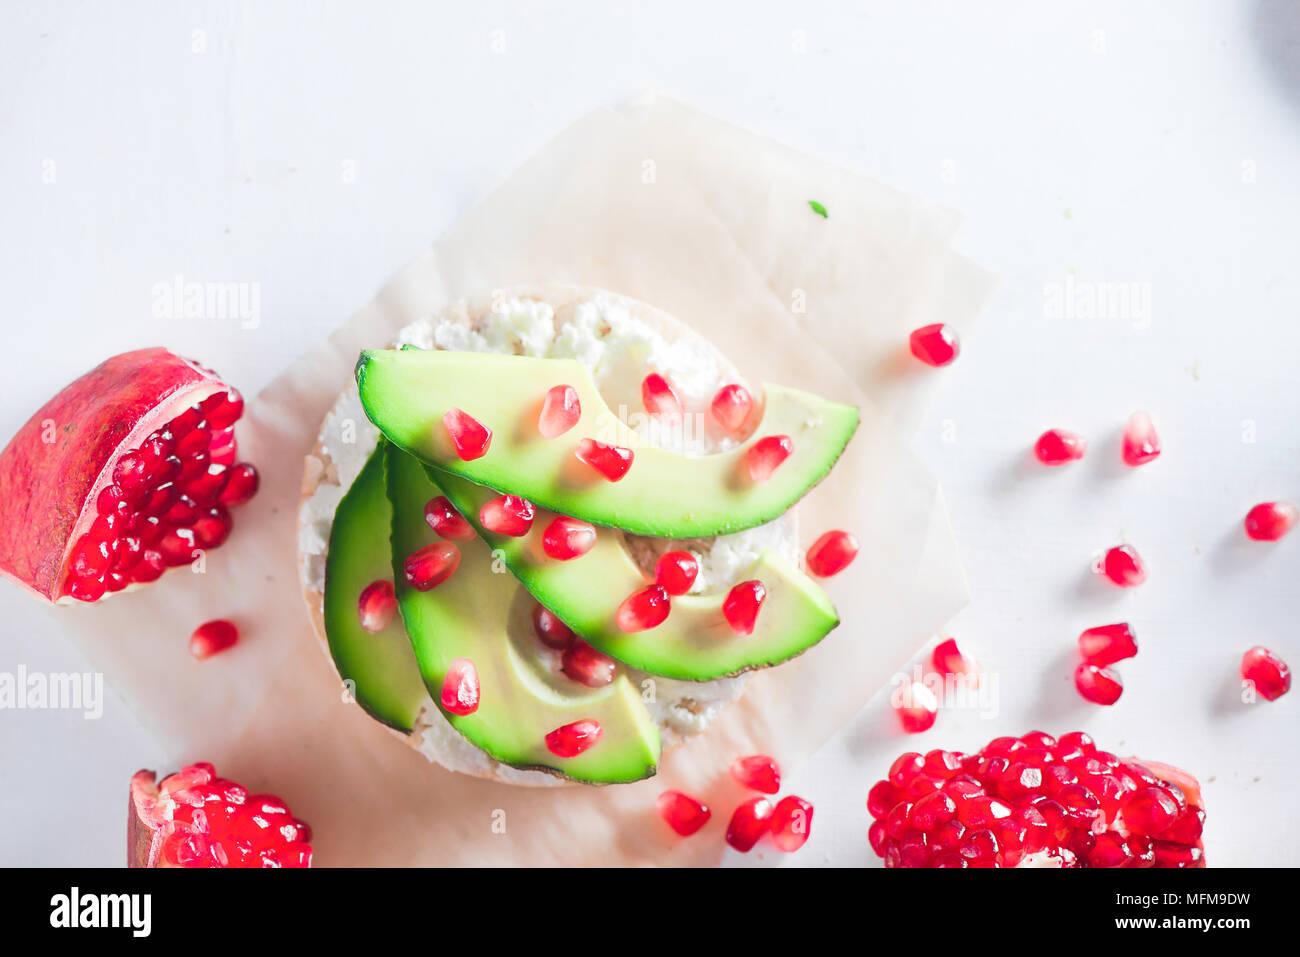 Knäckebrot gesunden Snack mit Avocado, Scheiben, weiche Hüttenkäse und Granatapfel Samen. Einfaches Frühstück, das auf einen weißen Hintergrund mit Kopie Raum Stockbild